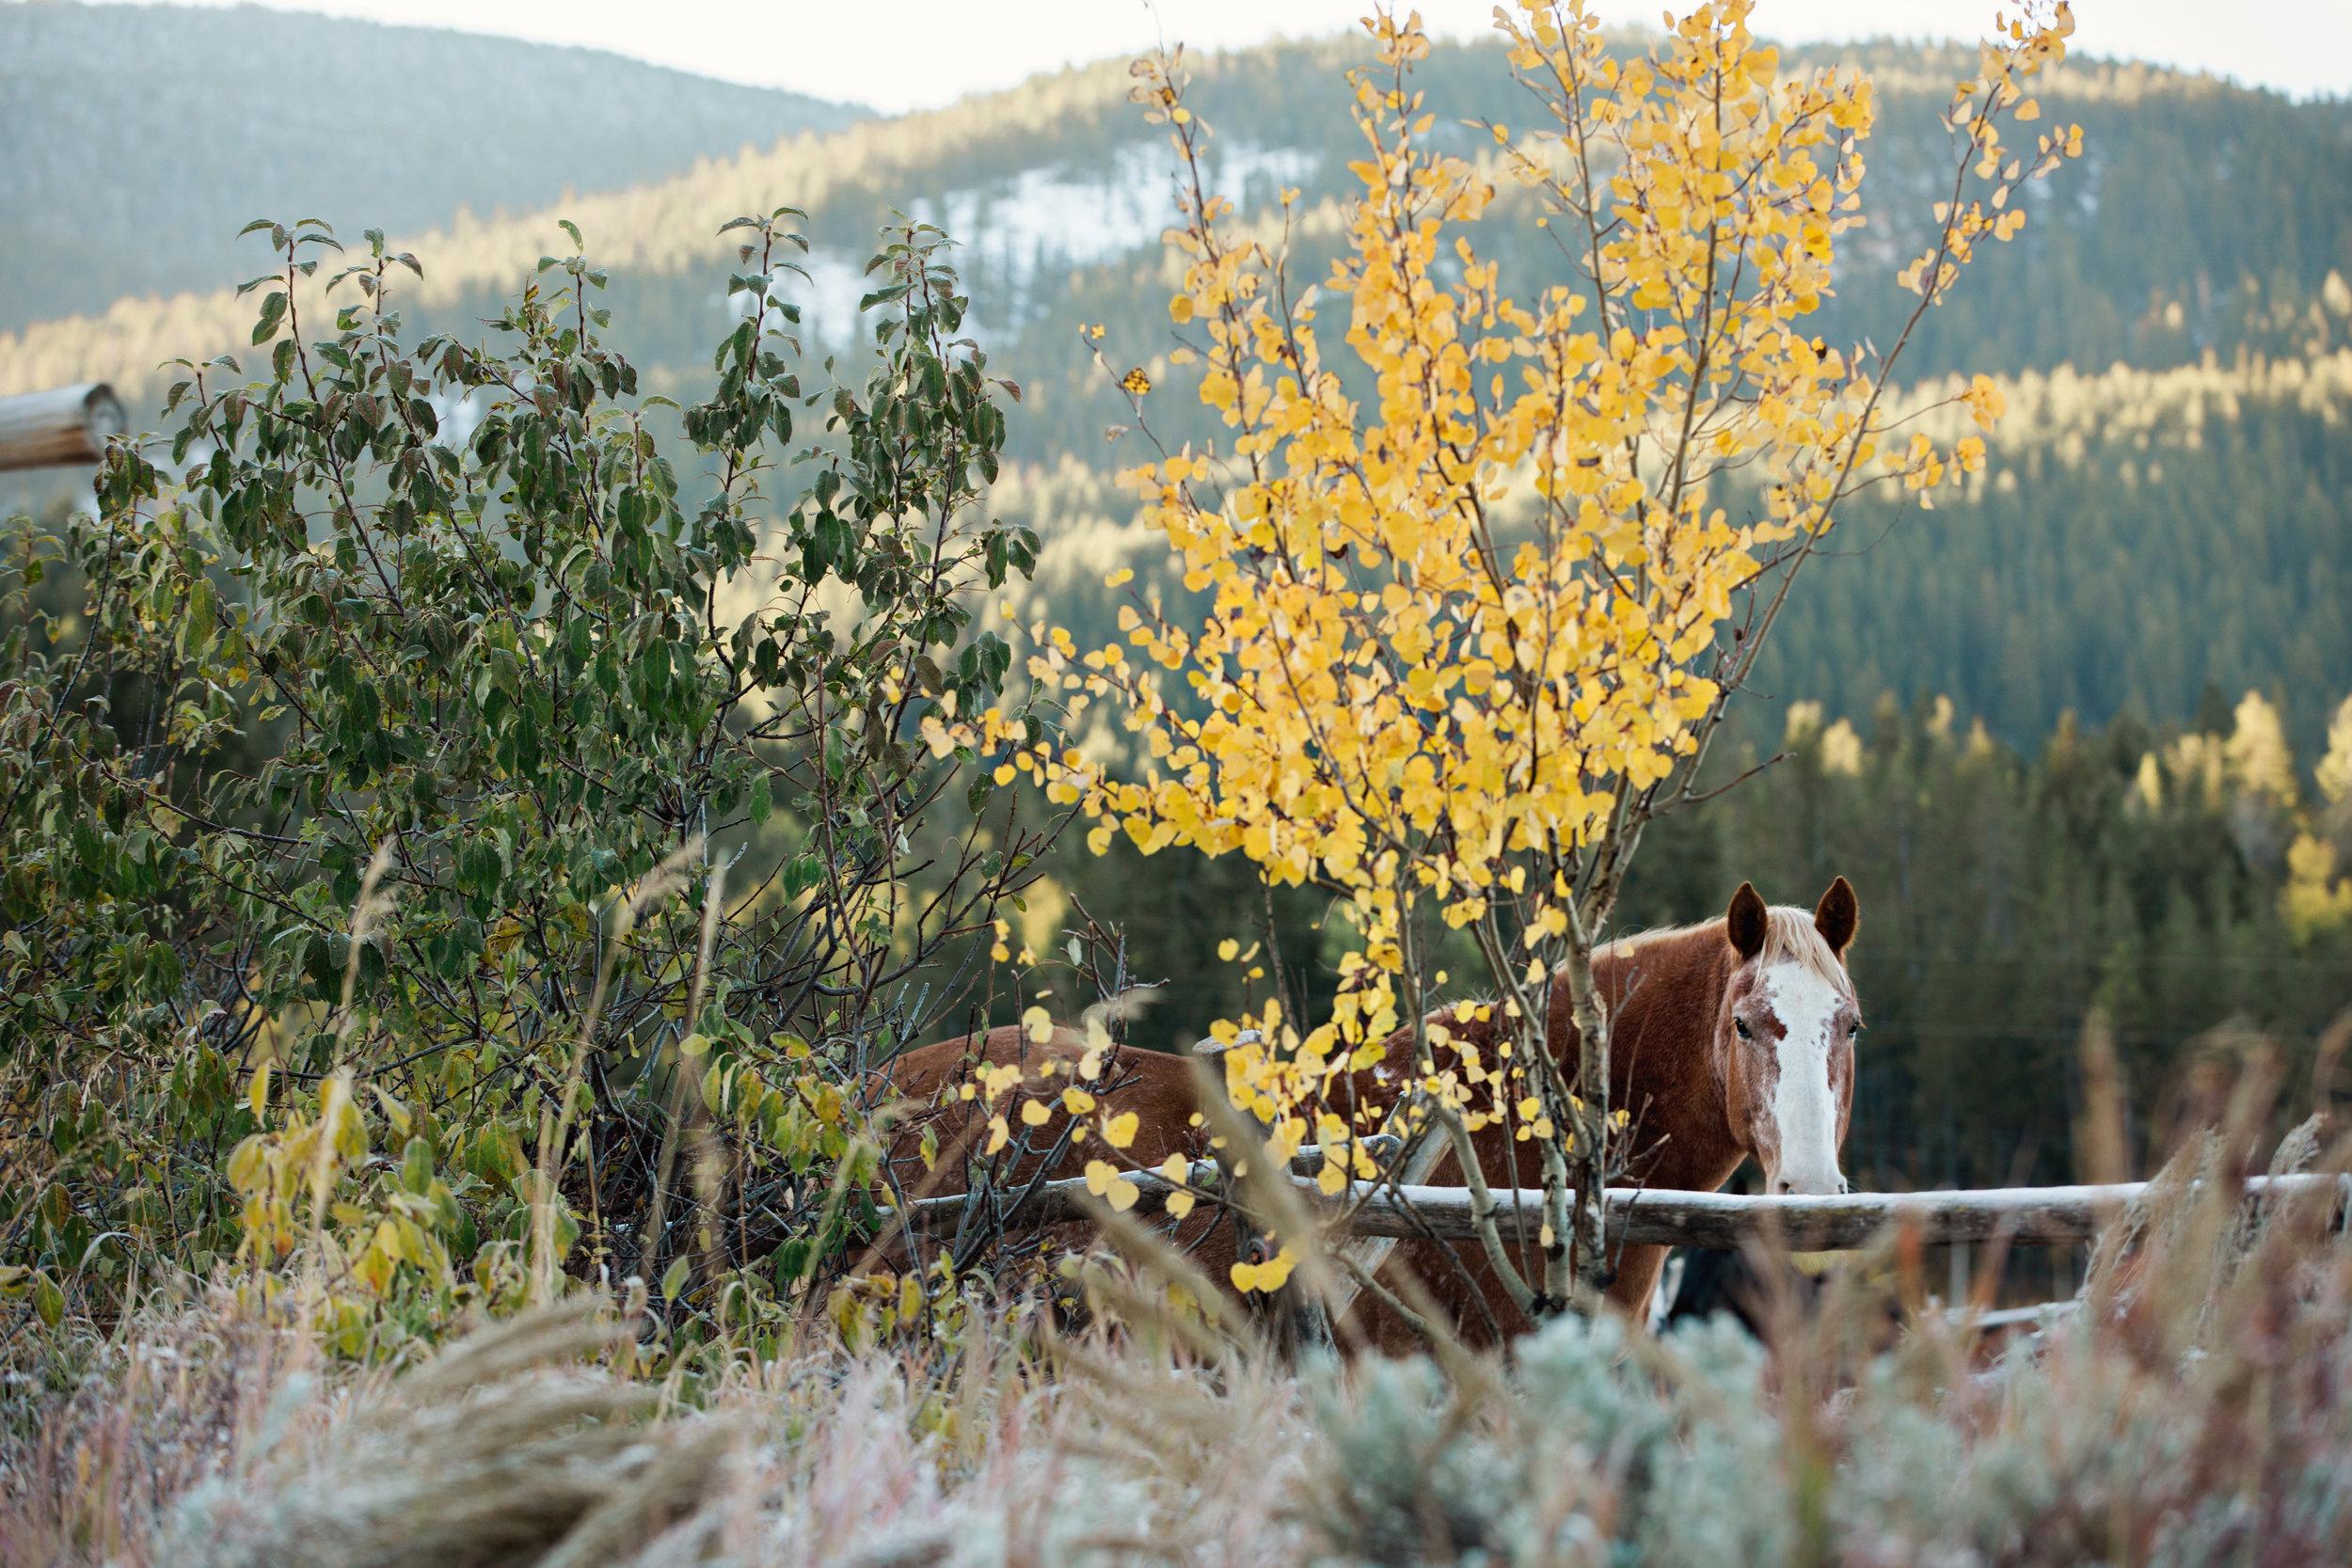 CindyGiovagnoli_Grand_Teton_National_Park_mountains_Bison_Autumn_Wyoming_Mormon_Row_aspens_fall_outdoor_photographer-028.jpg